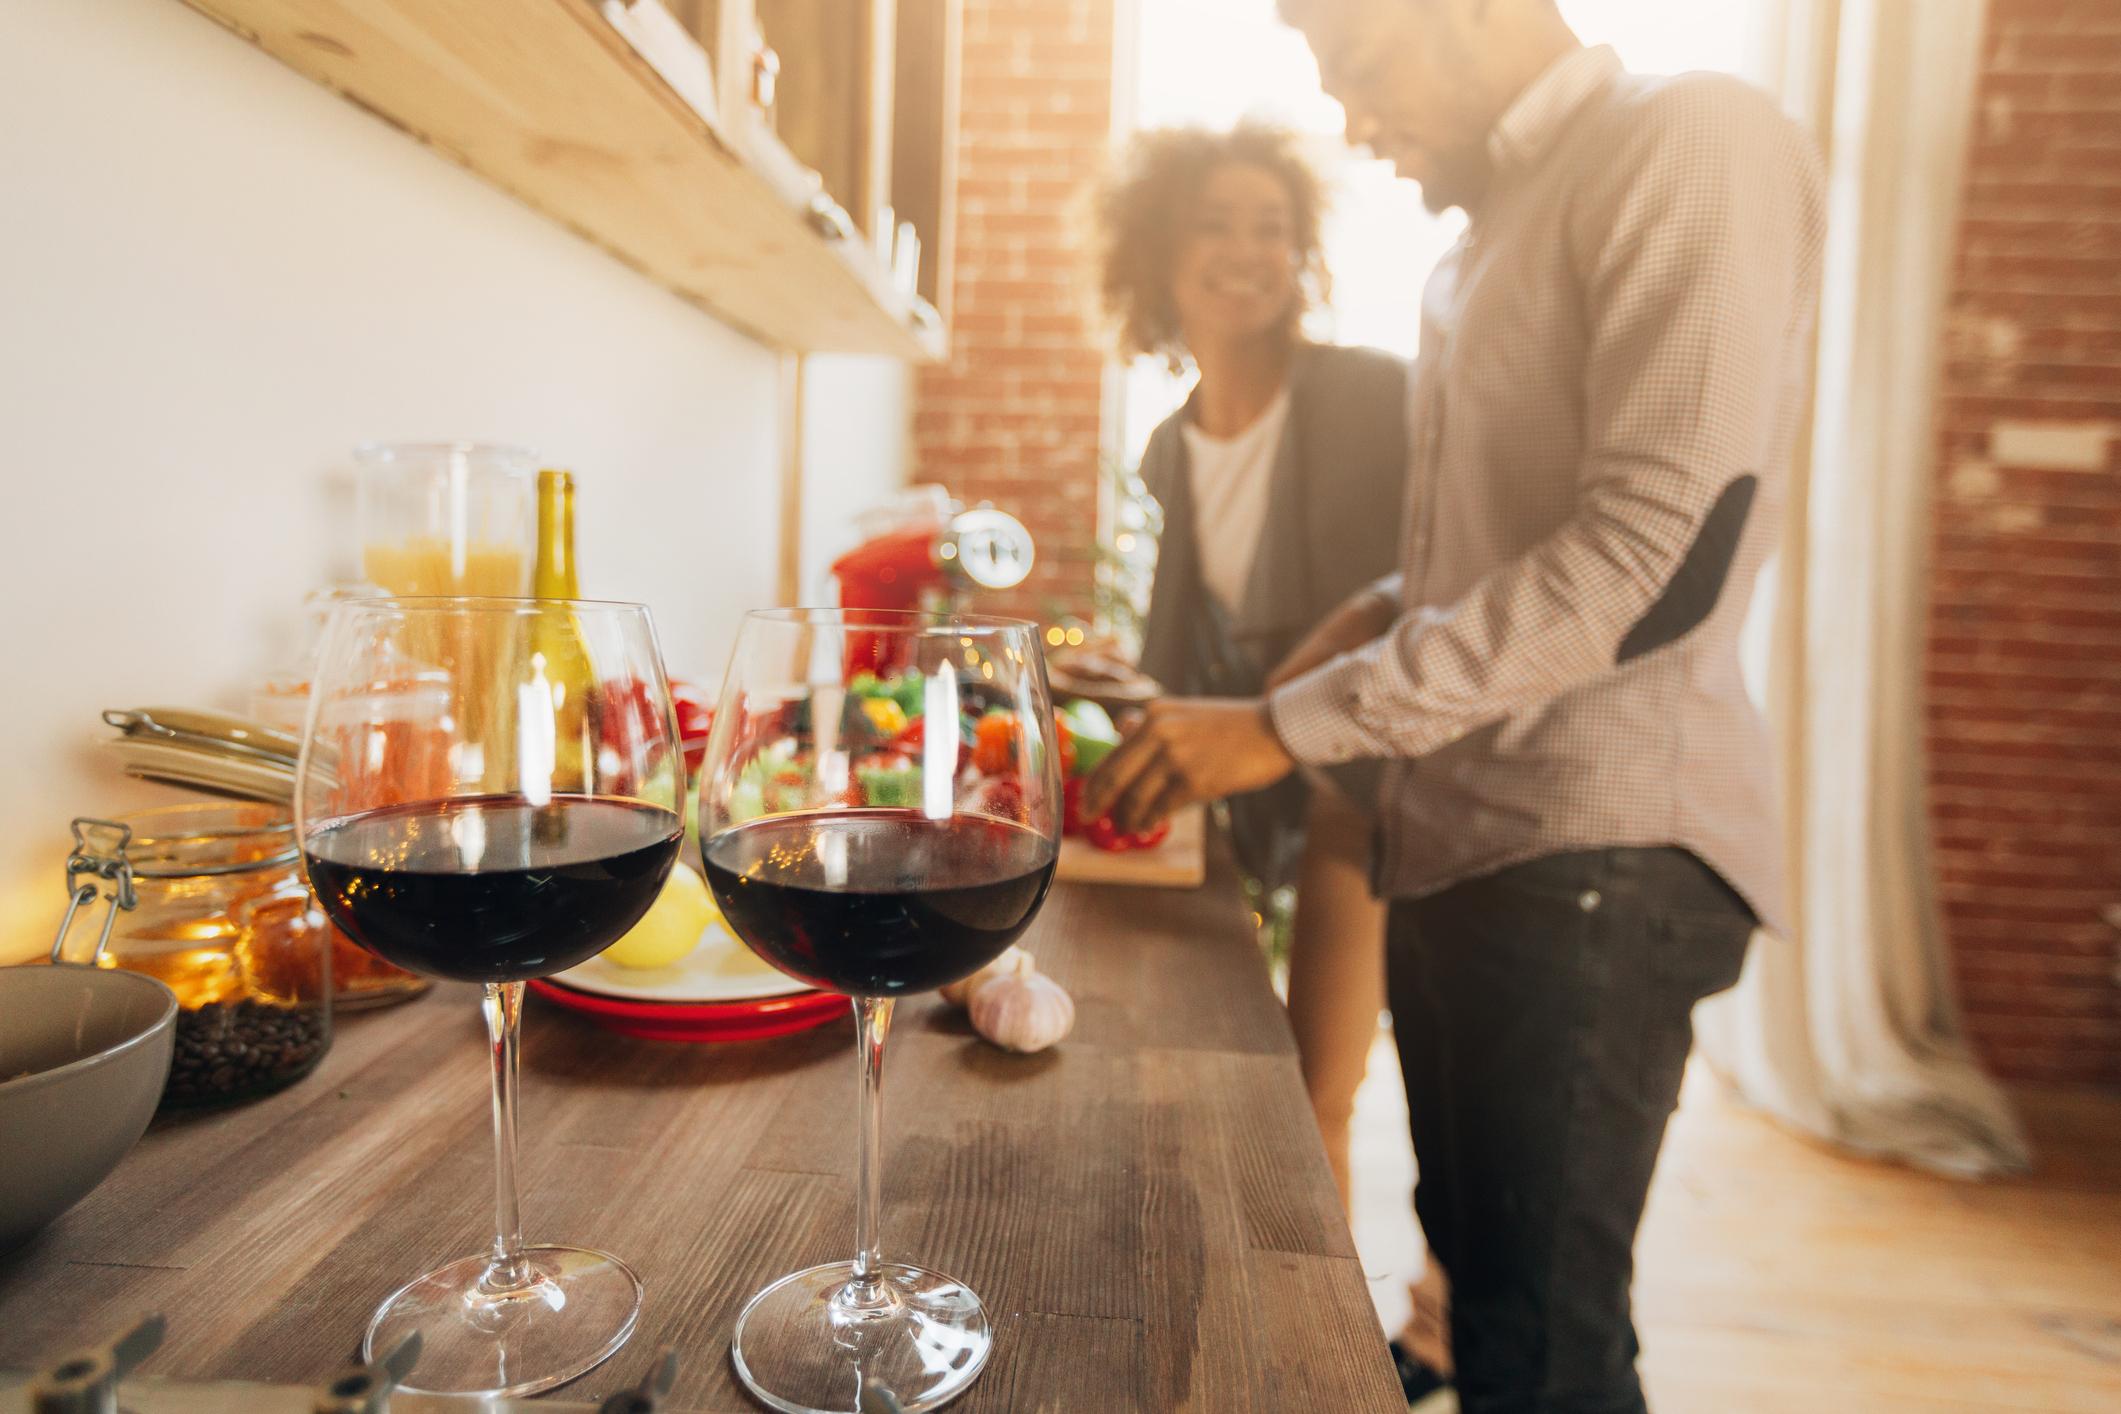 Couple kitchen wine